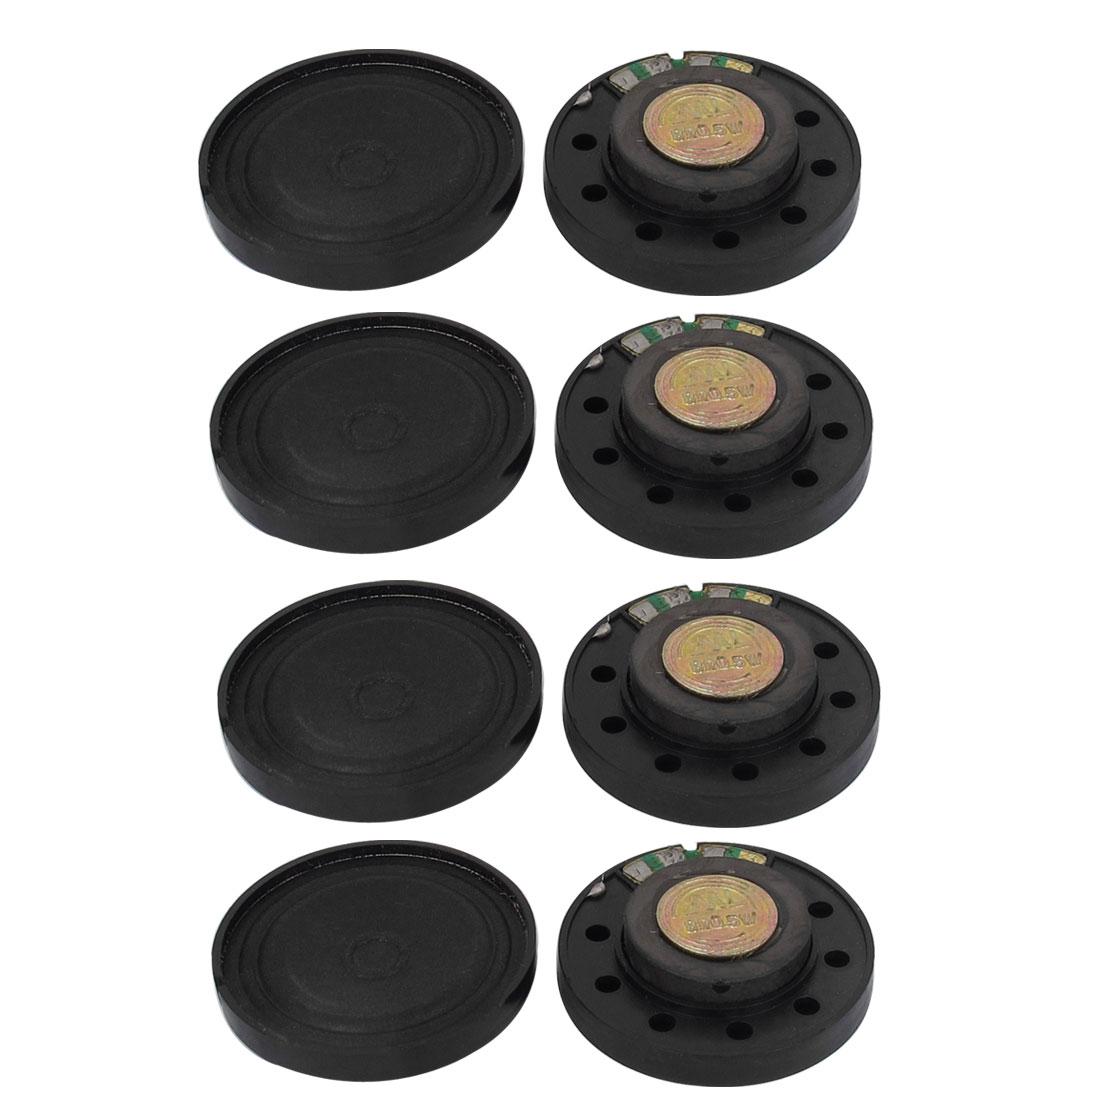 8 Pcs 0.5W 8 Ohm 36mm Dia Internal Magnet Speaker Amplifier Black